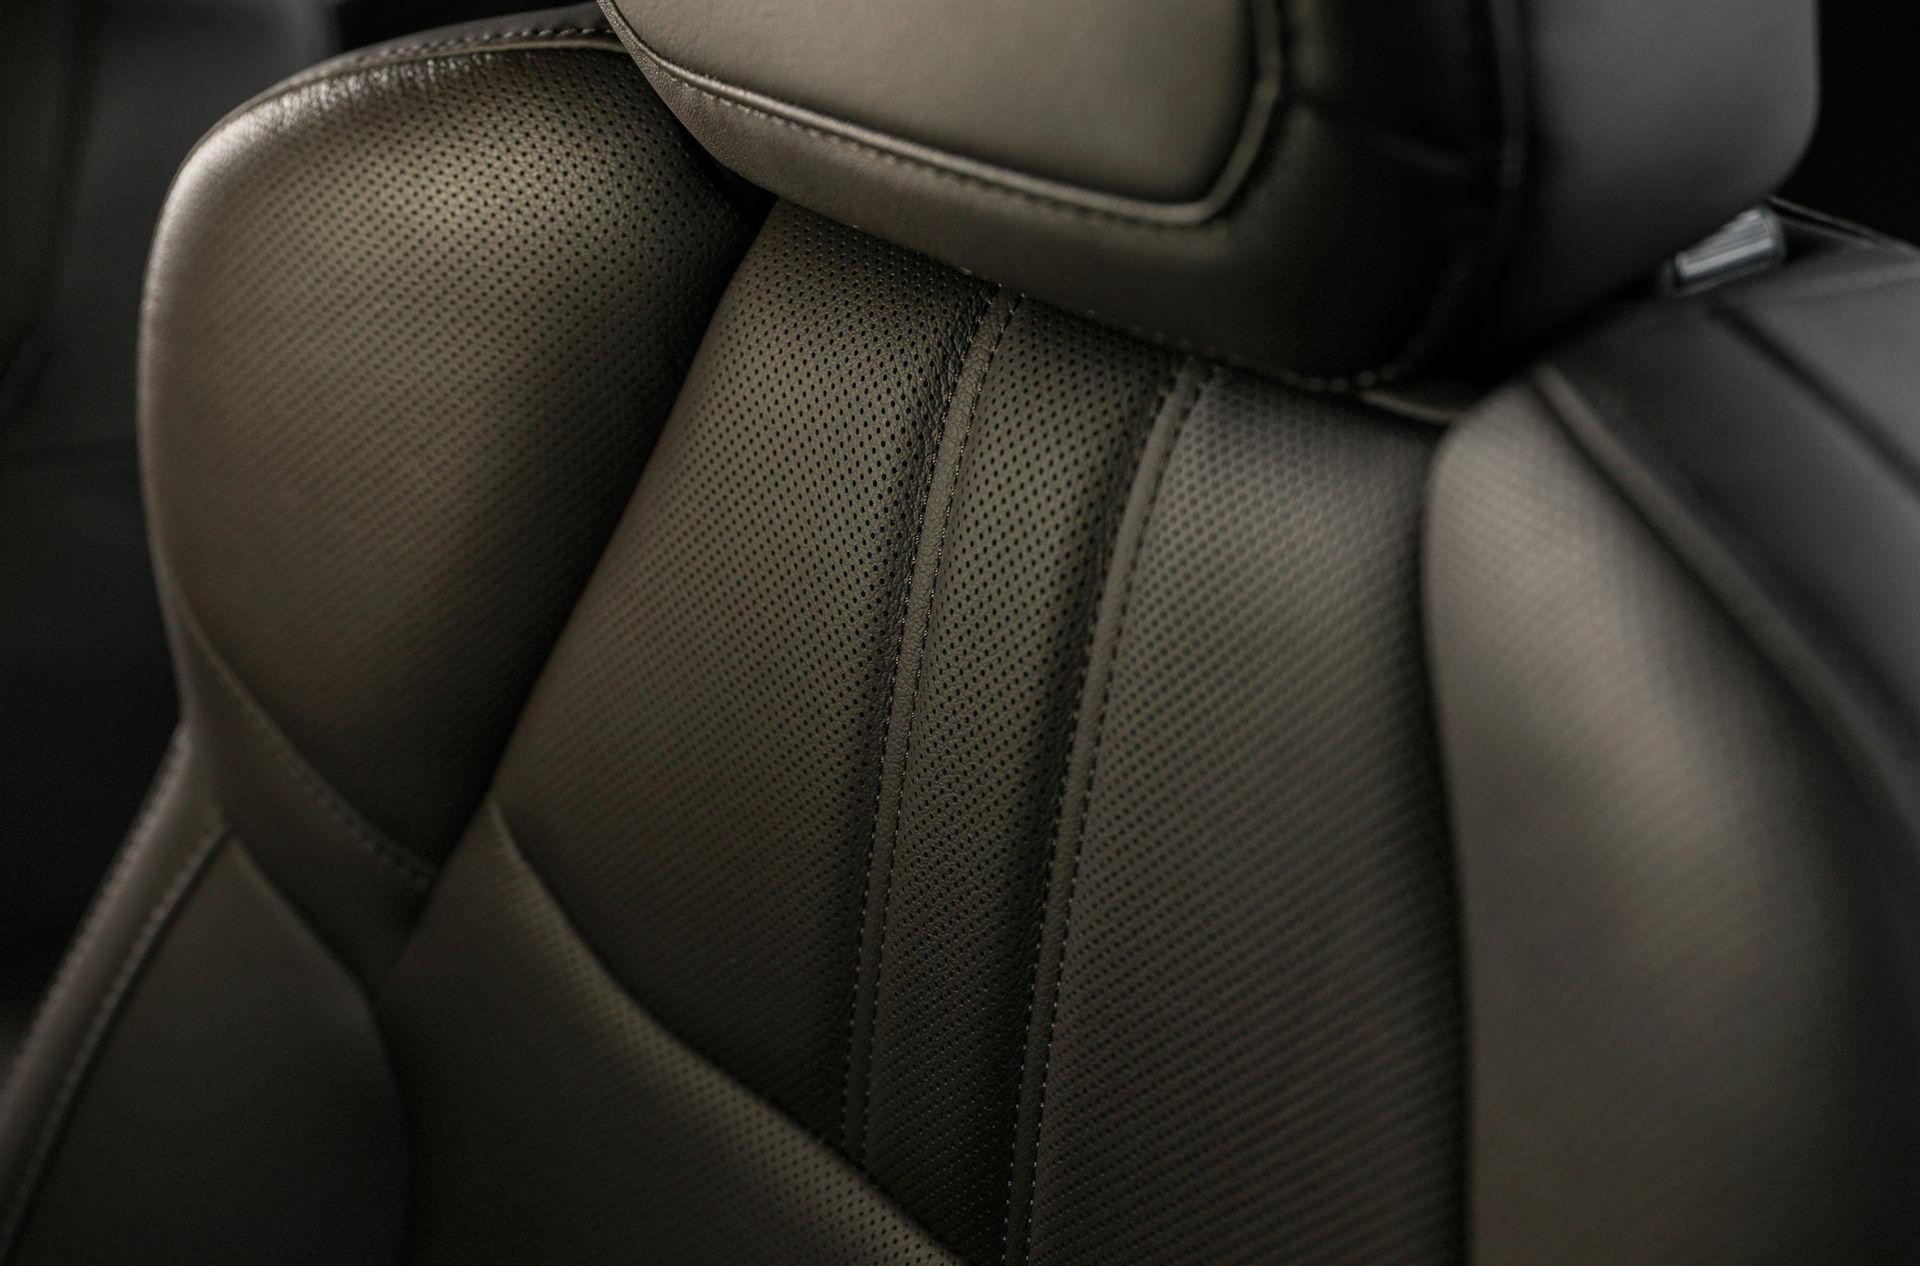 Ghế ngồi bọc da sang trọng với không gian thoải mái, thoáng đãng.